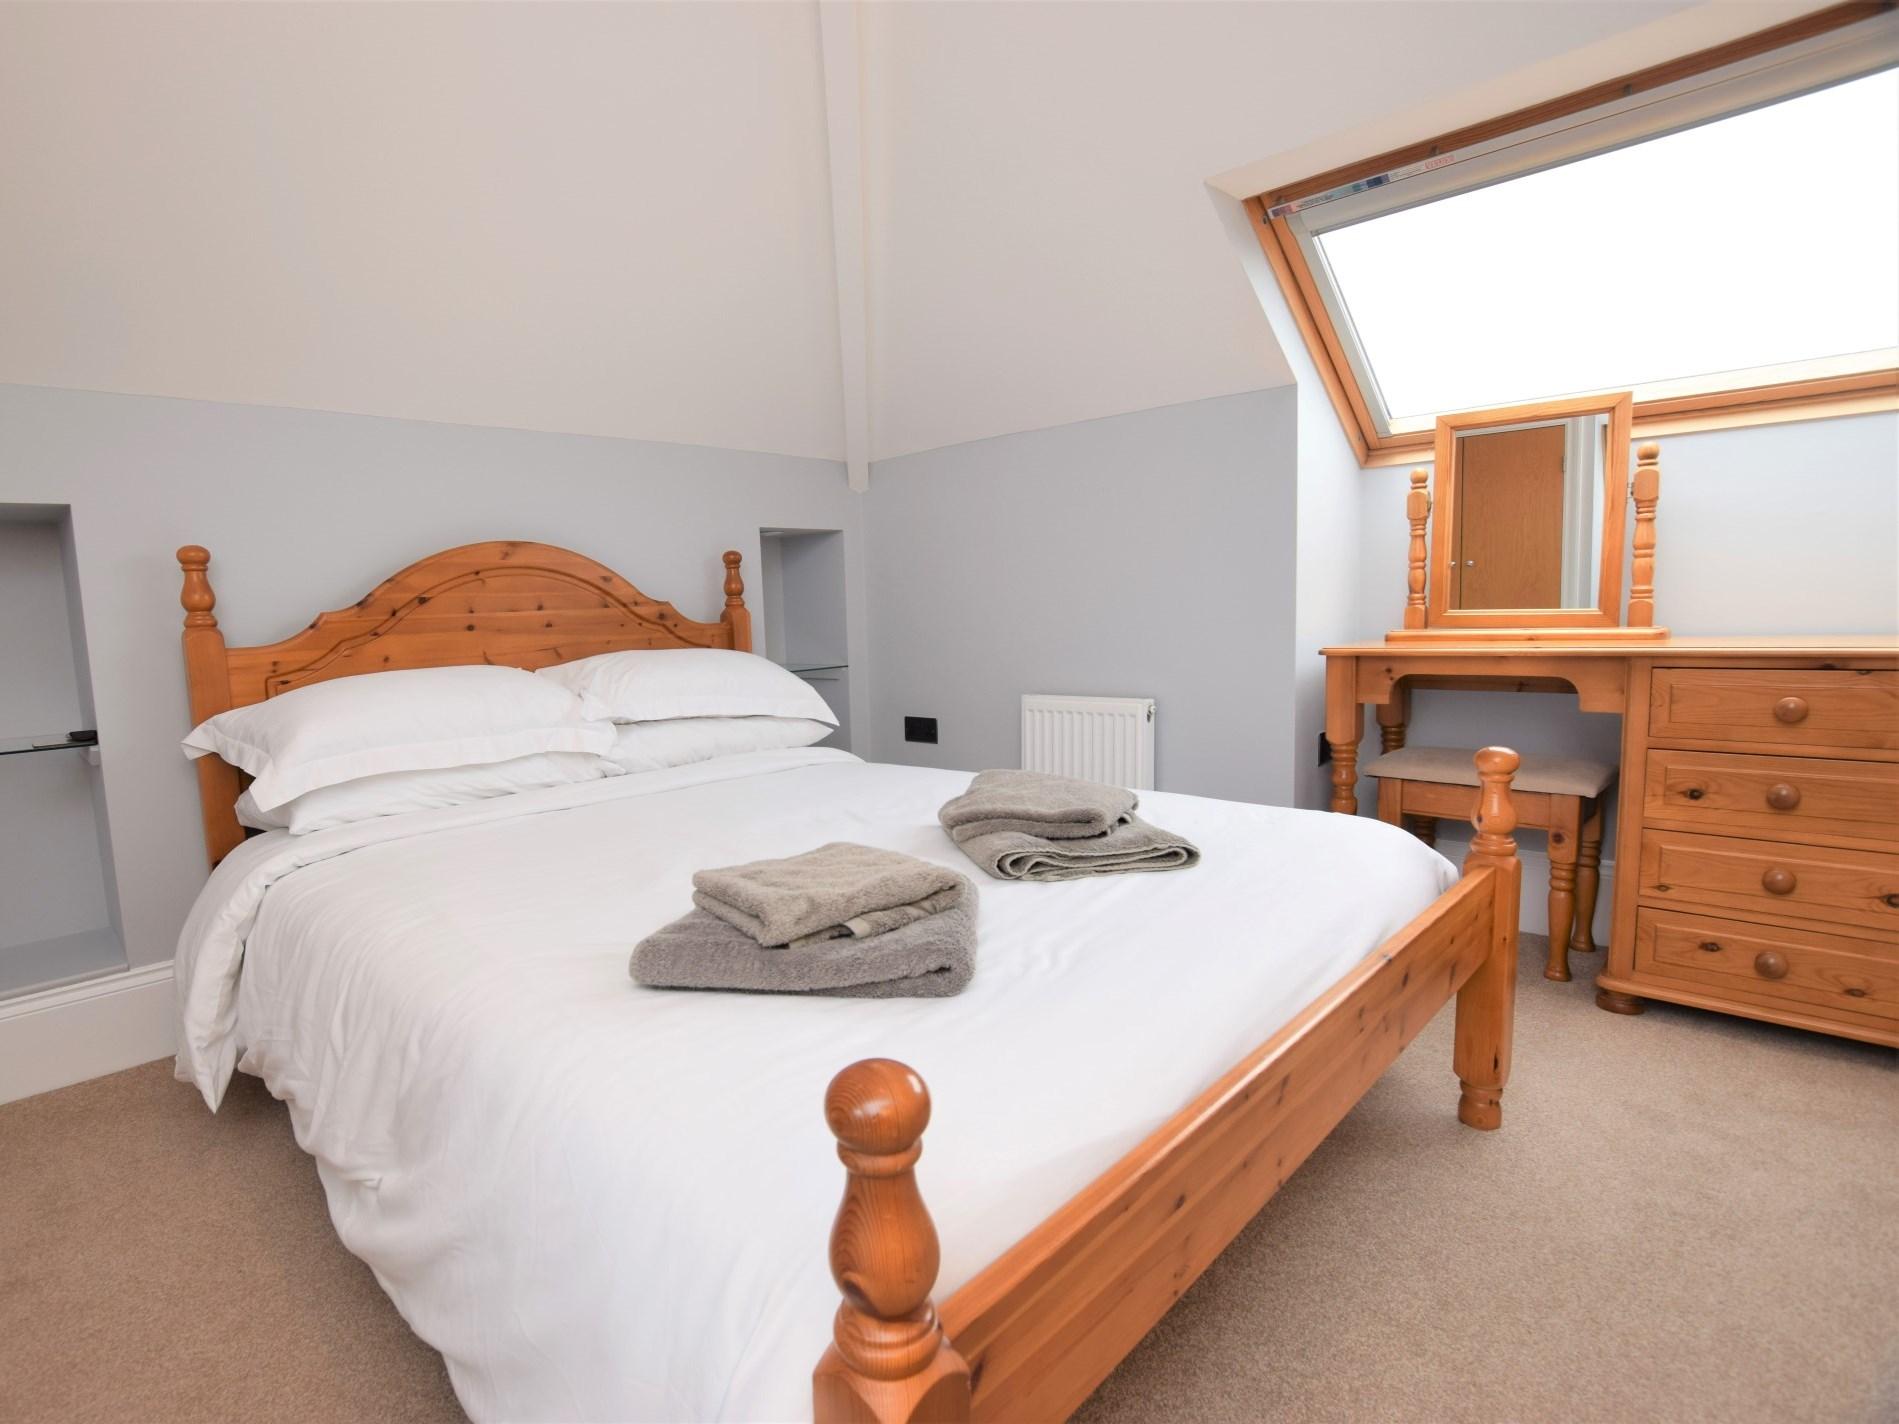 3 Bedroom Bungalow in North Devon, Devon